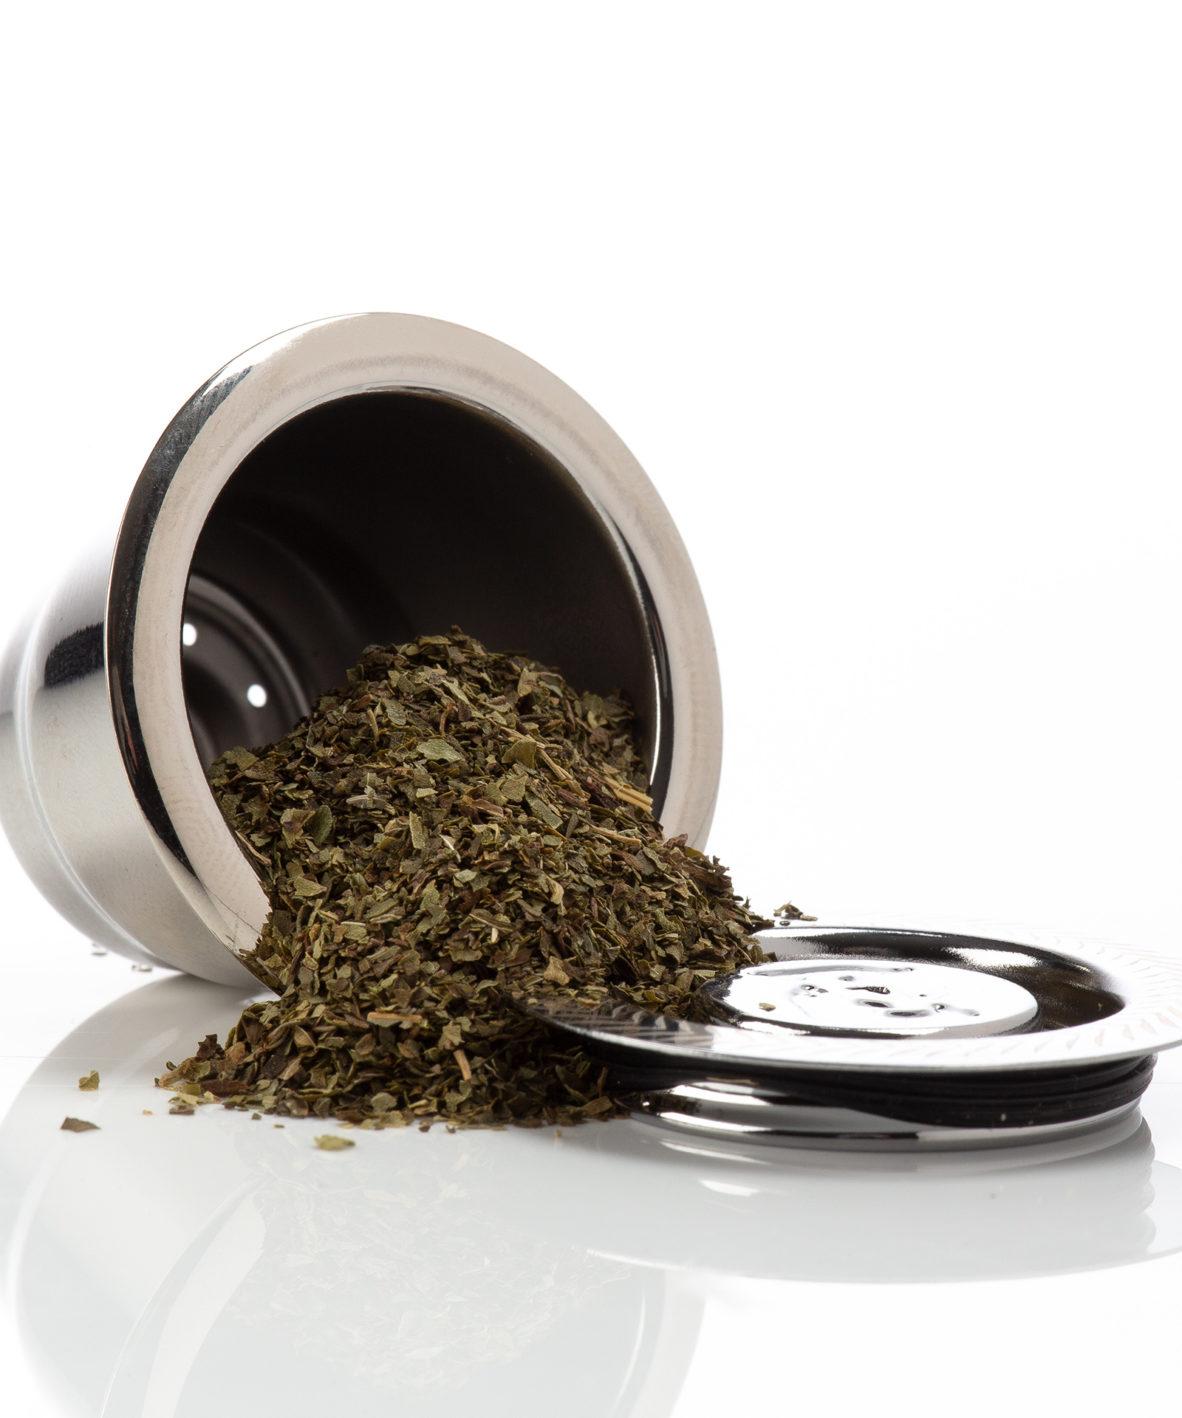 Capsulebio thé en vrac pour sélection capsule réutilisable : nespresso, capsule nespresso rechargeable, inox